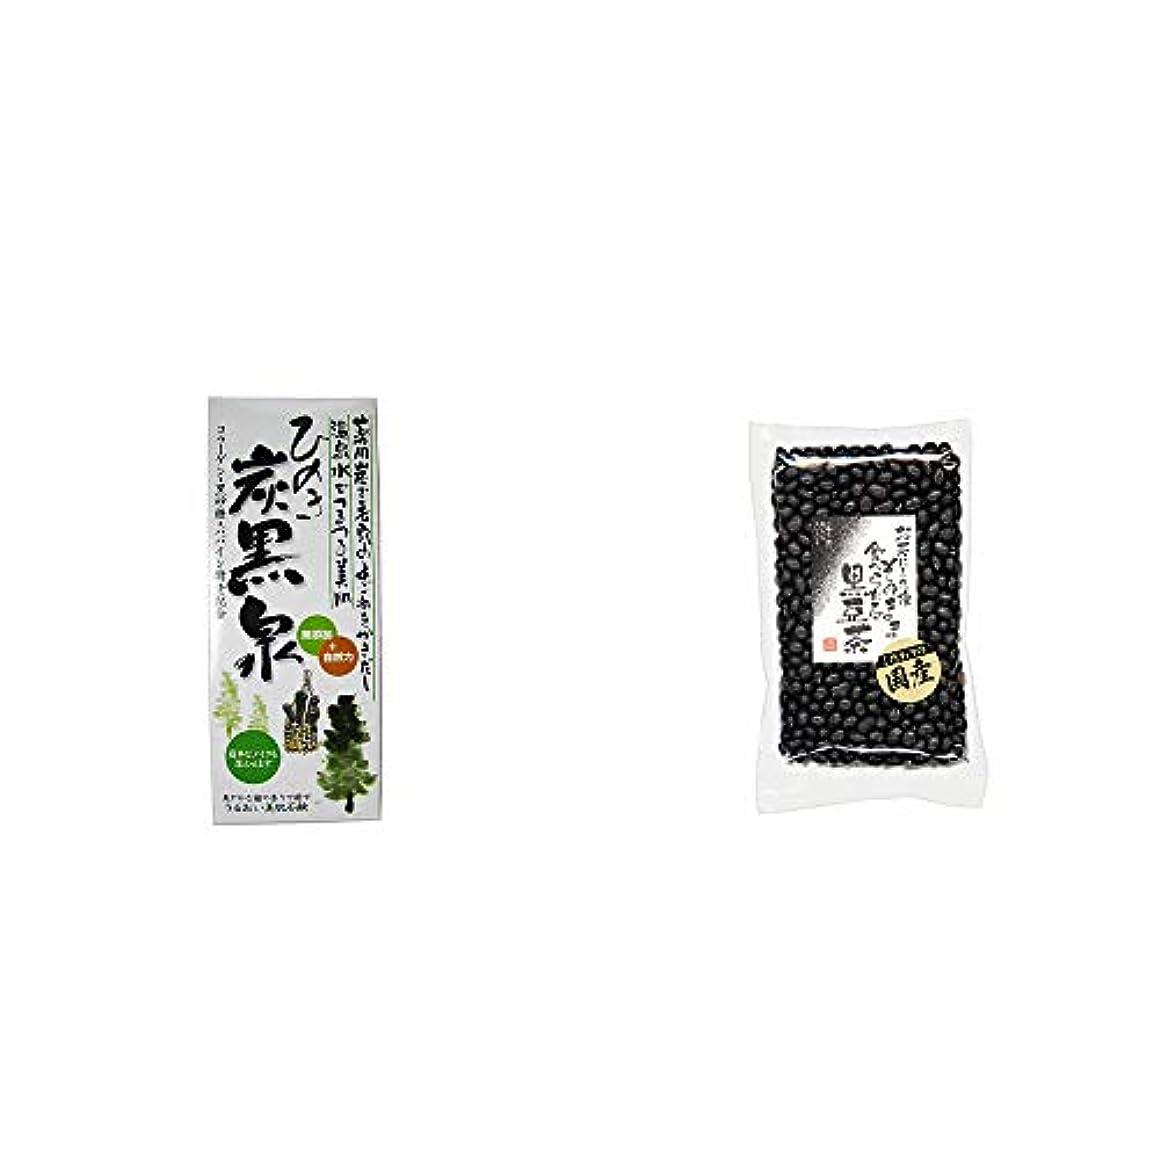 試み腹部量[2点セット] ひのき炭黒泉 箱入り(75g×3)?国産 黒豆茶(200g)